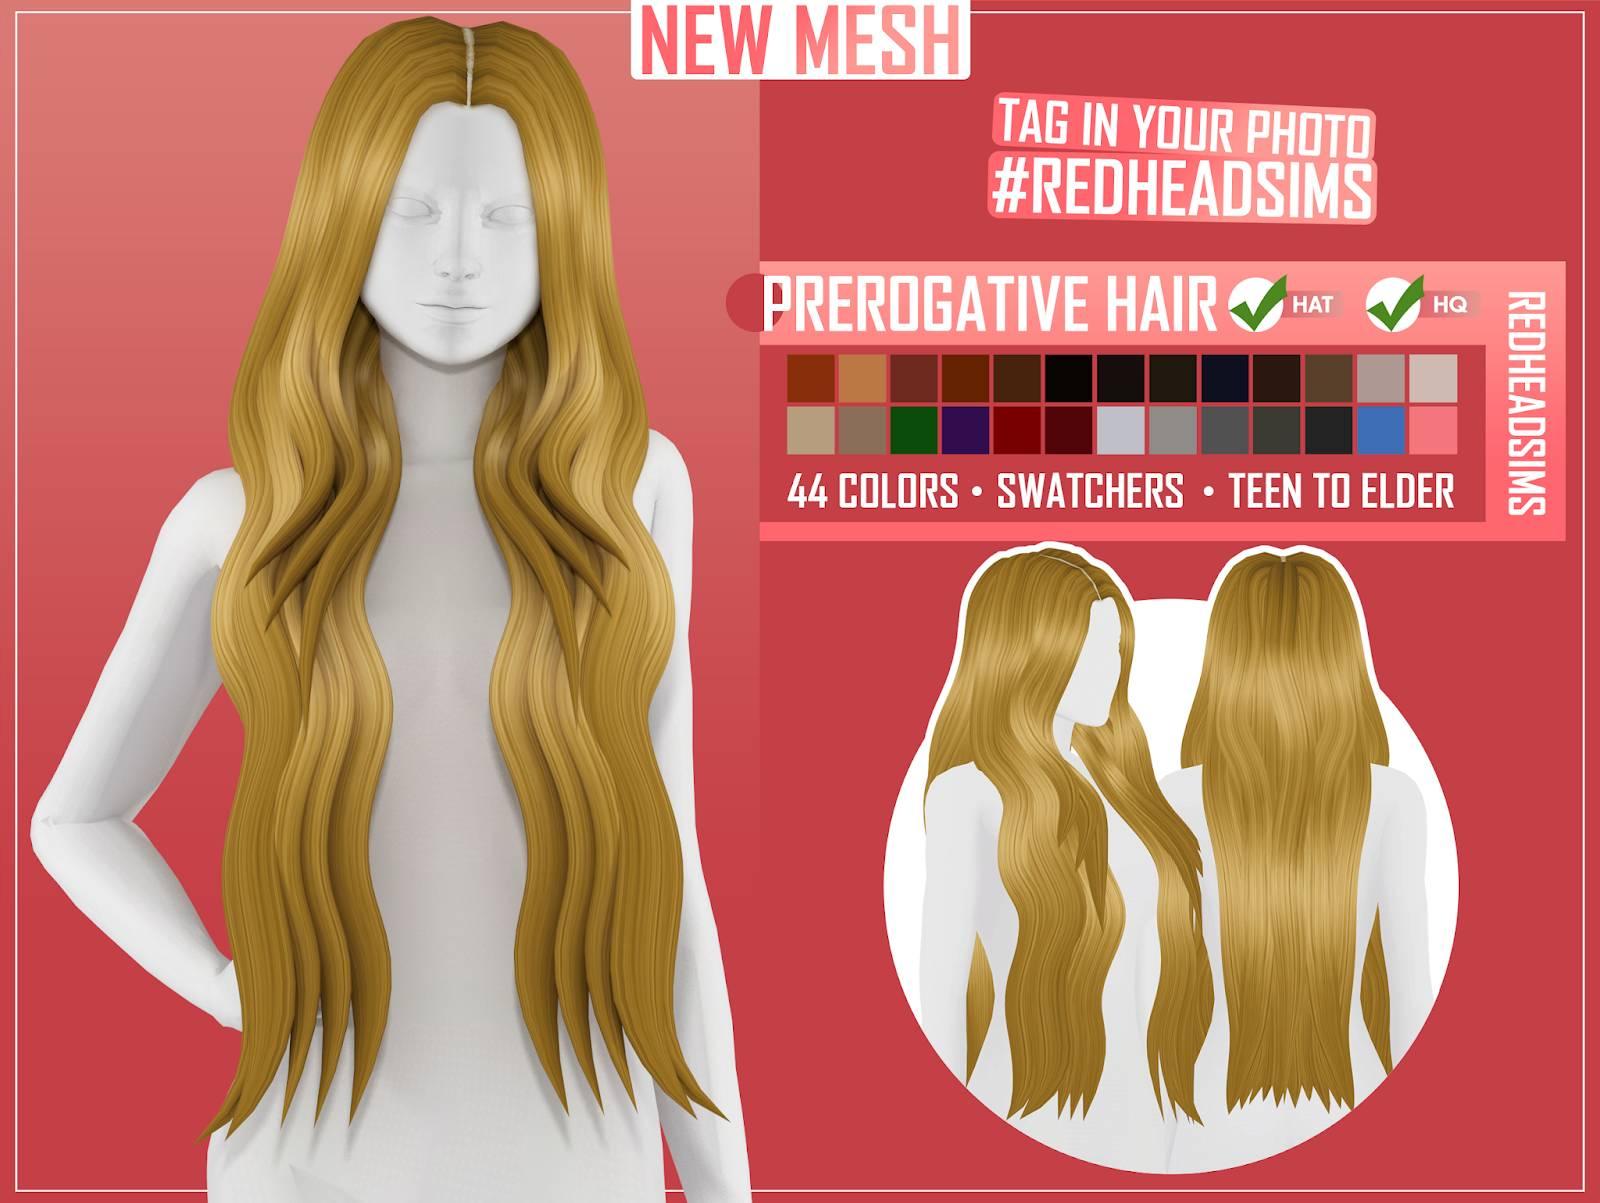 Женская прическа - PREROGATIVE HAIR